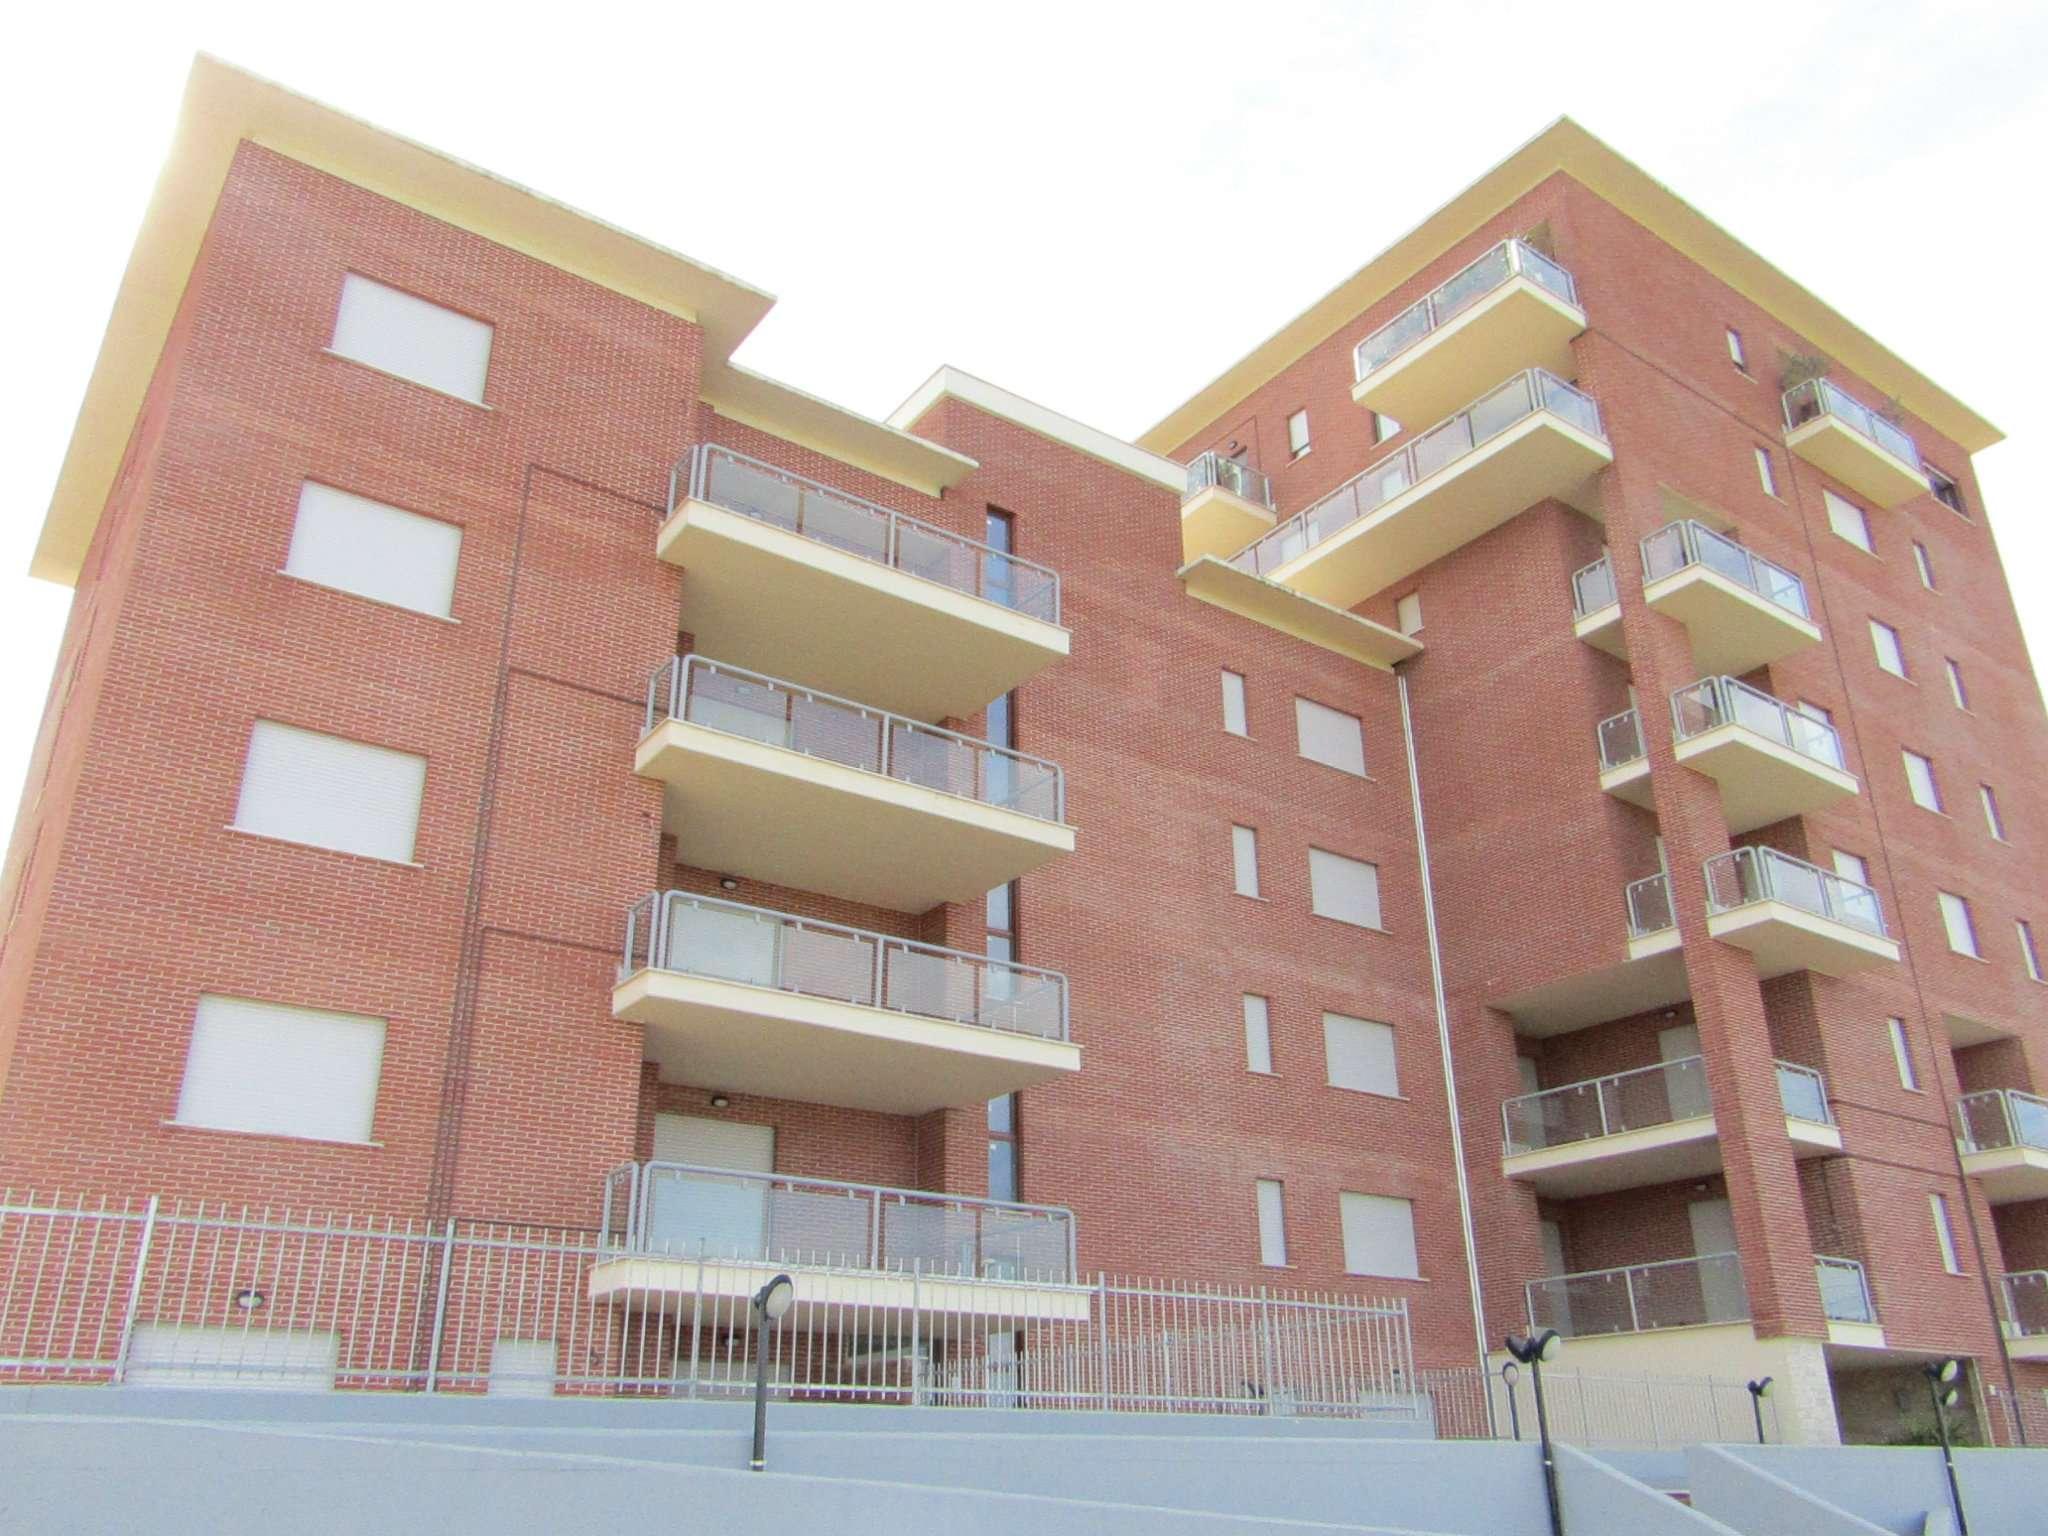 Bilocale vendita roma zona settecamini case rosse for Planimetrie della mini casa